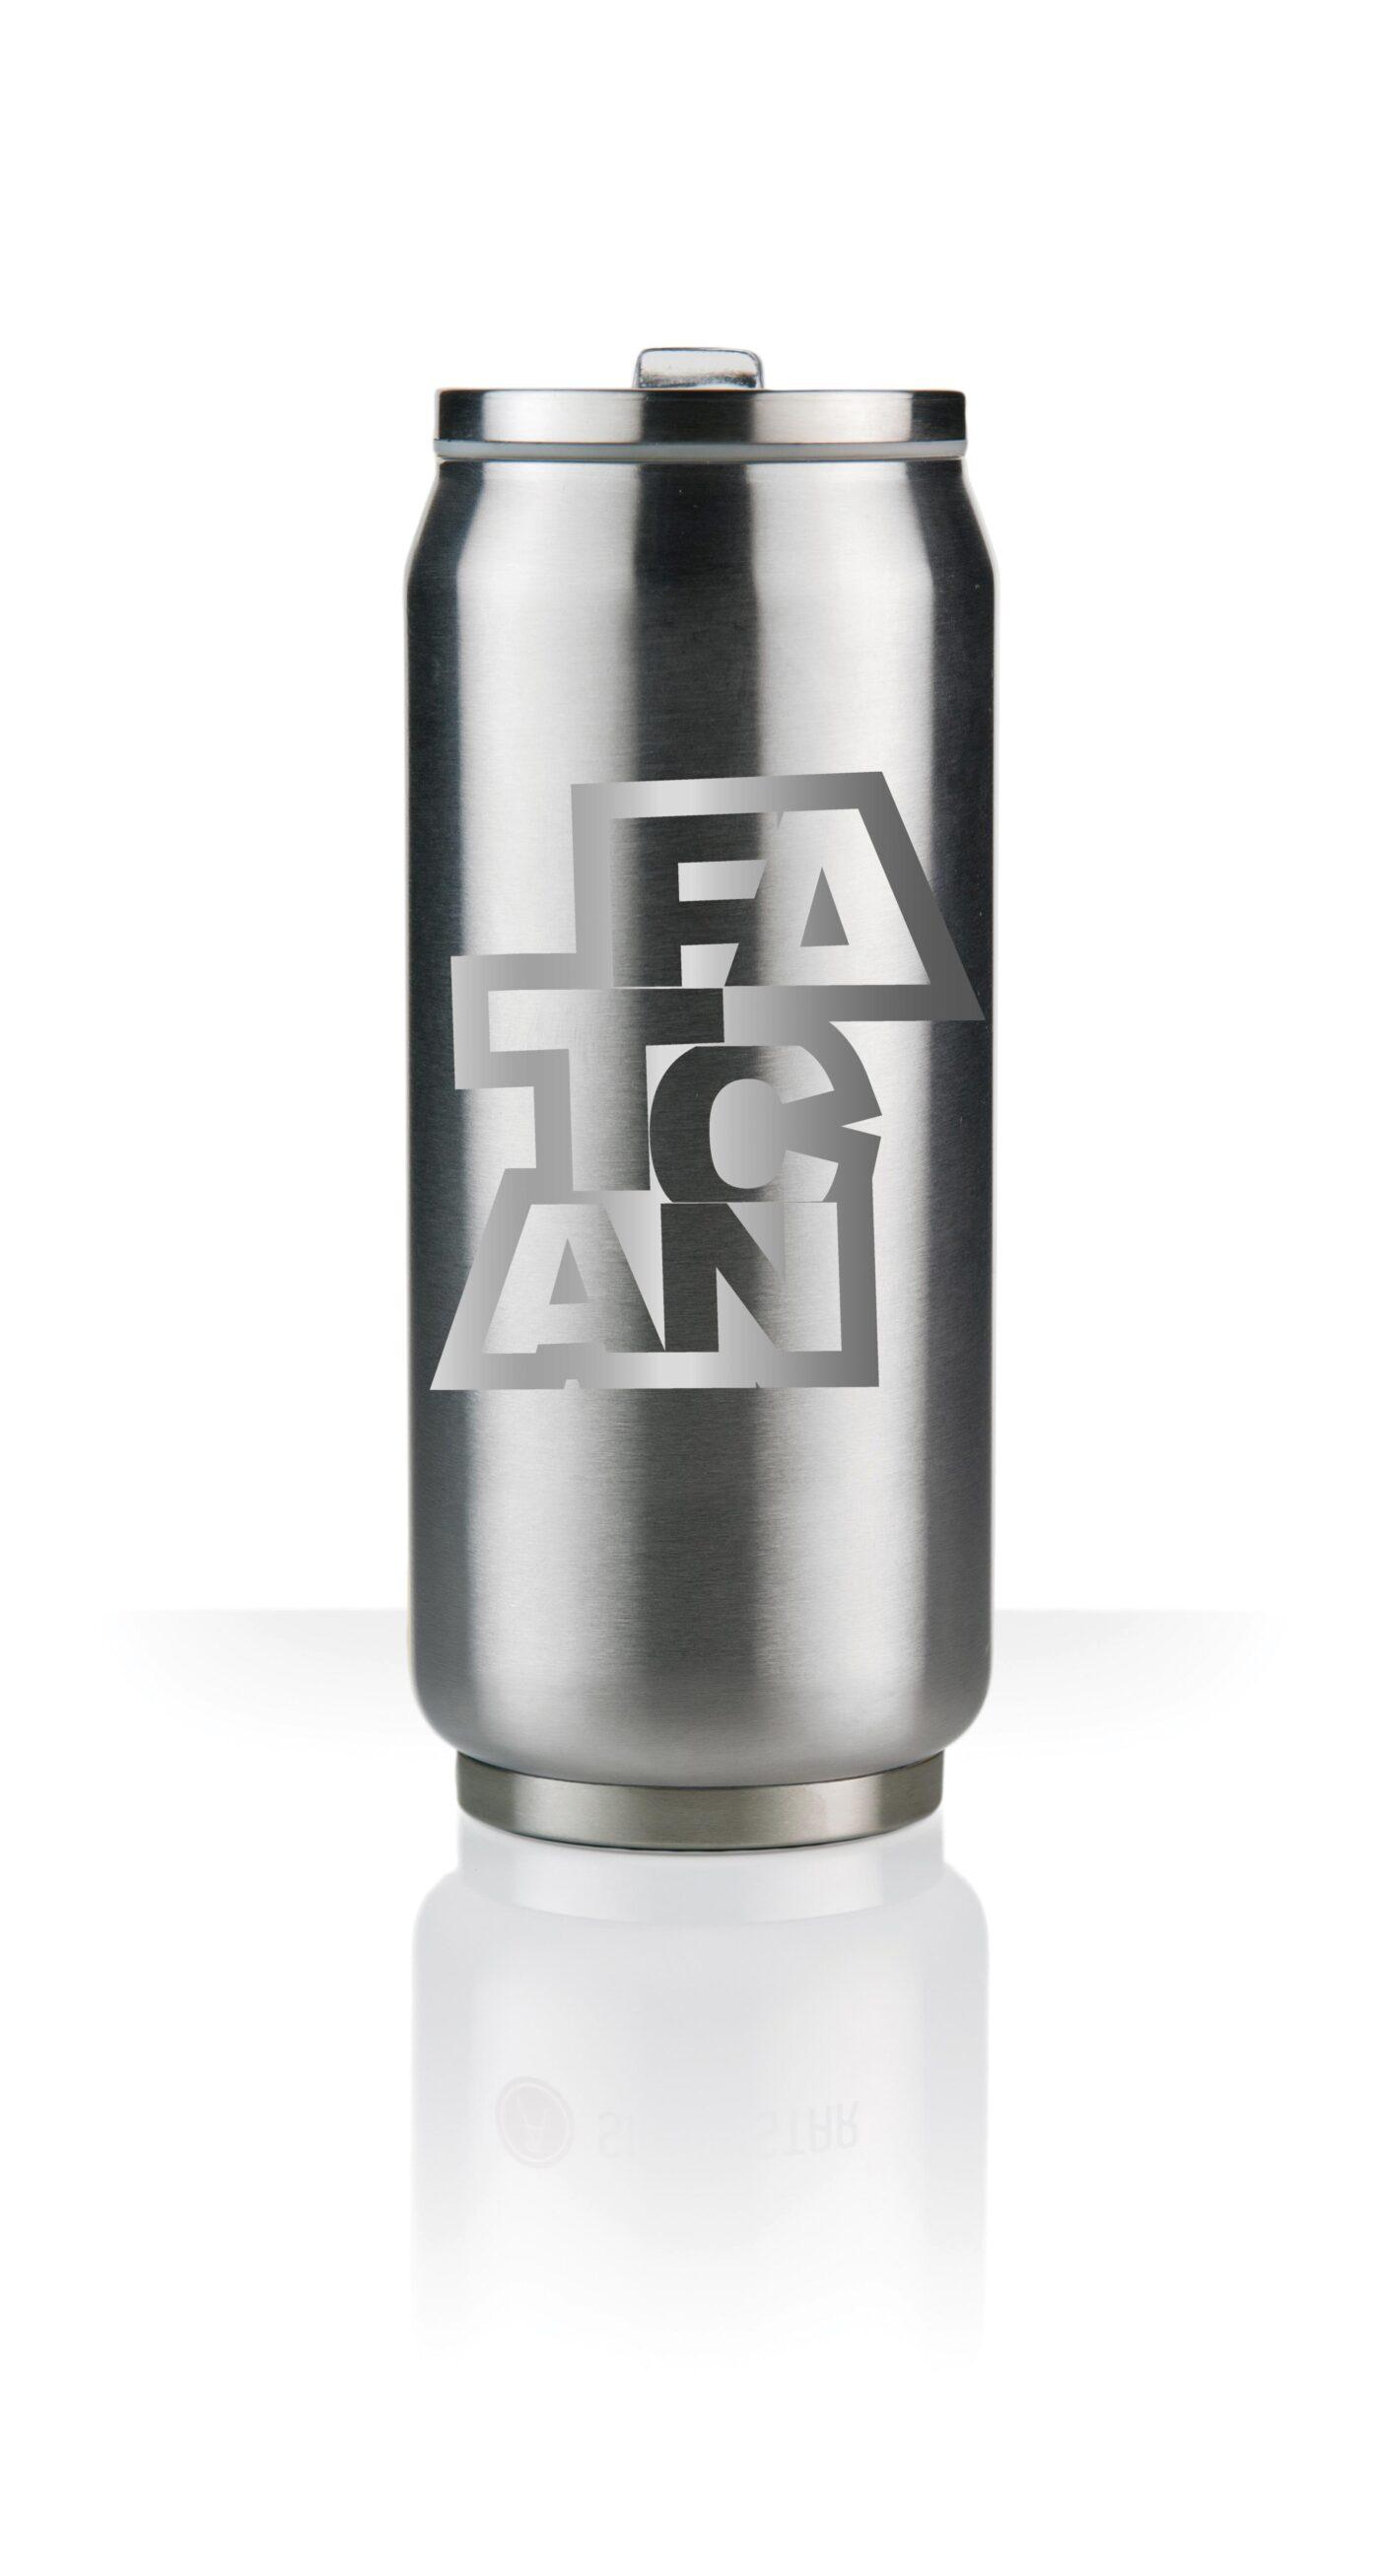 FATCAN_silverstar_050